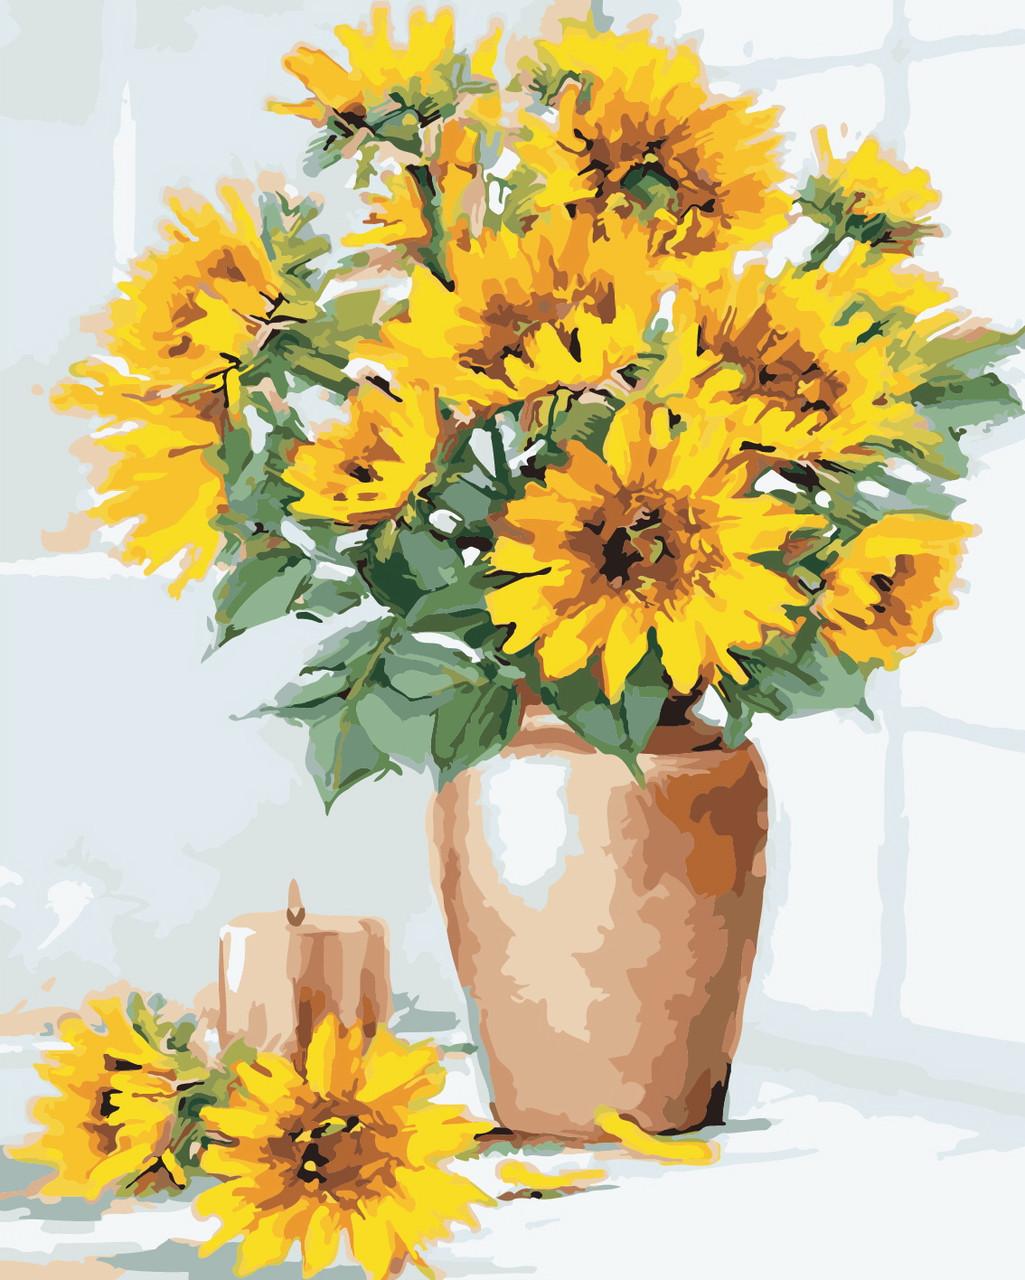 Художественный творческий набор, картина по номерам Подсолнухи в вазе, 40x50 см, «Art Story» (AS0337)